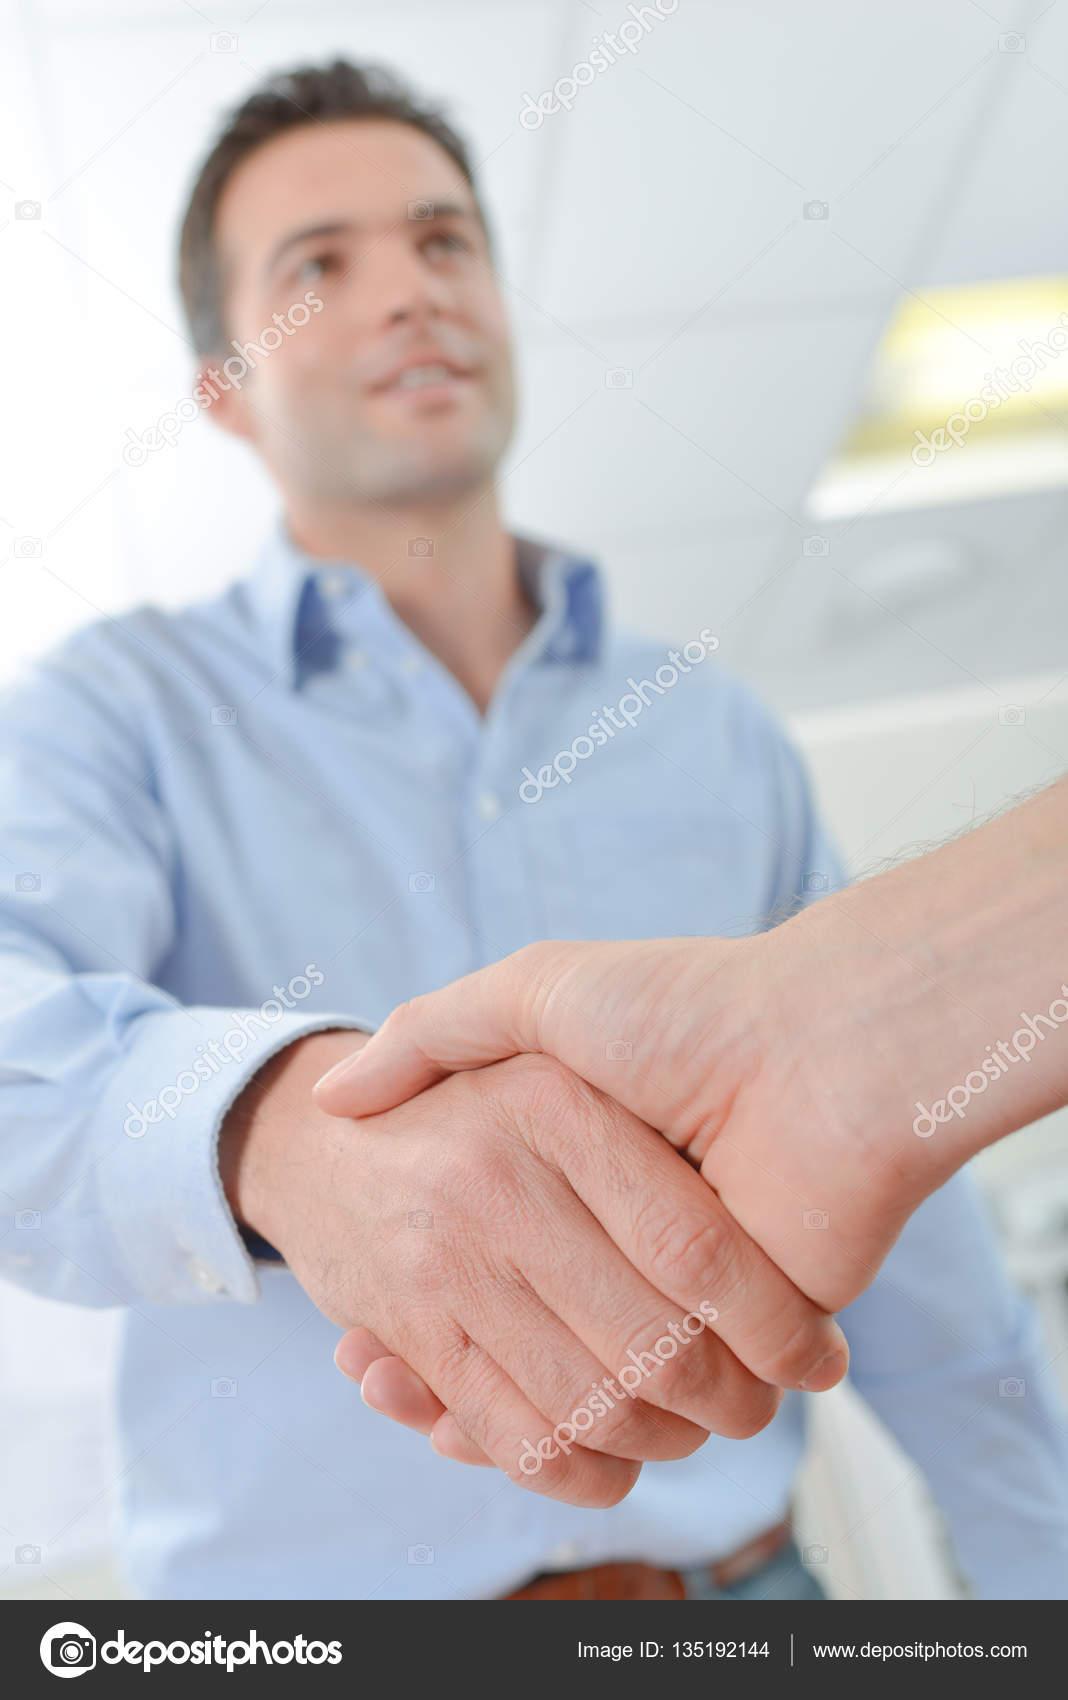 Hand Schütteln Und Bin Damit Einverstanden Stockfoto